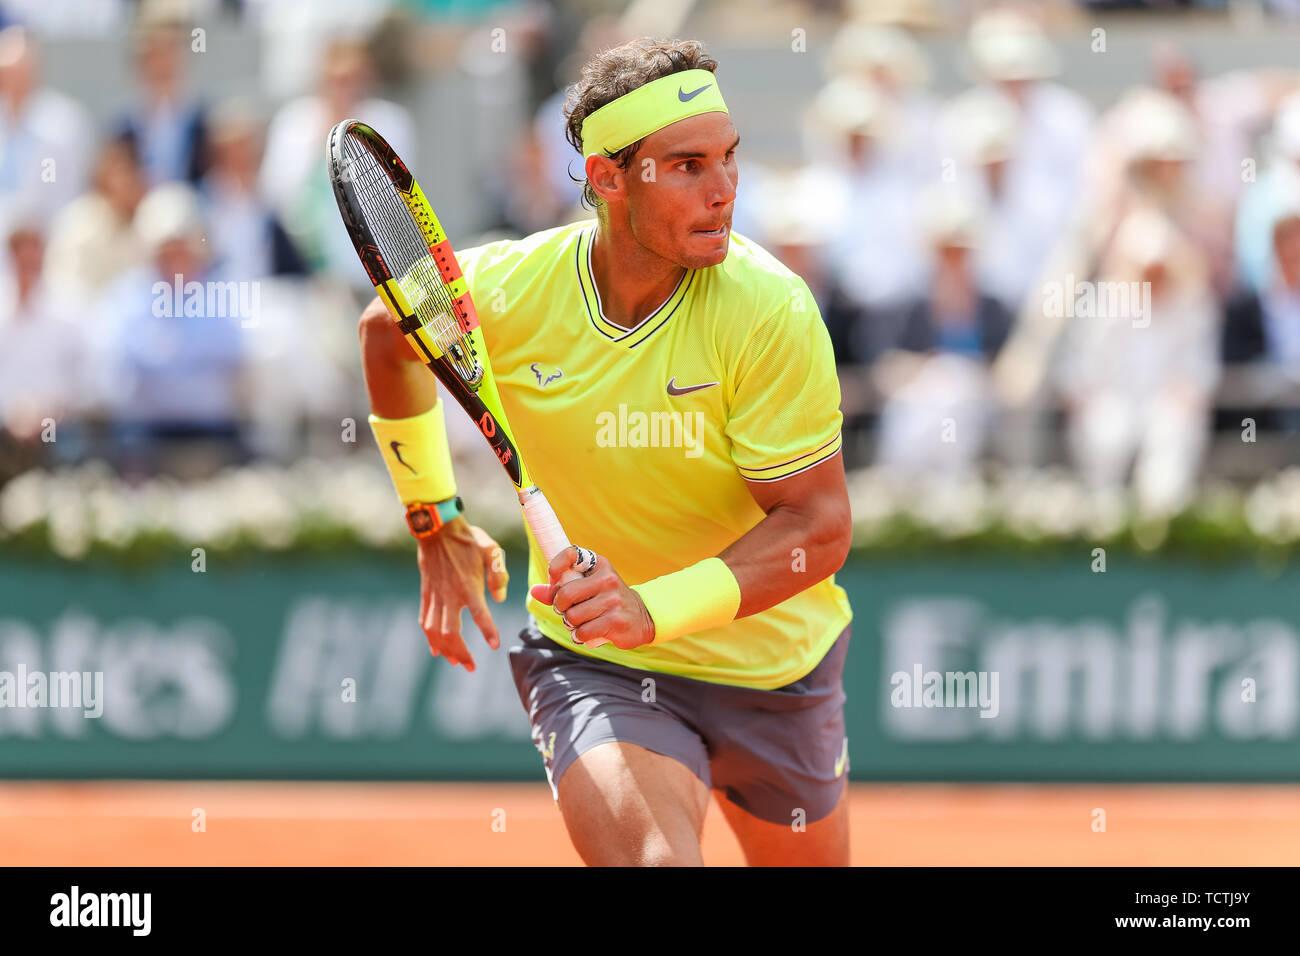 Paris, Frankreich. 09 Juni, 2019. Rafael Nadal aus Spanien während der  Männer singles Finale der French Open Tennis Turnier gegen Dominic Thiem  von Österreich bei der Roland Garros in Paris am 9.